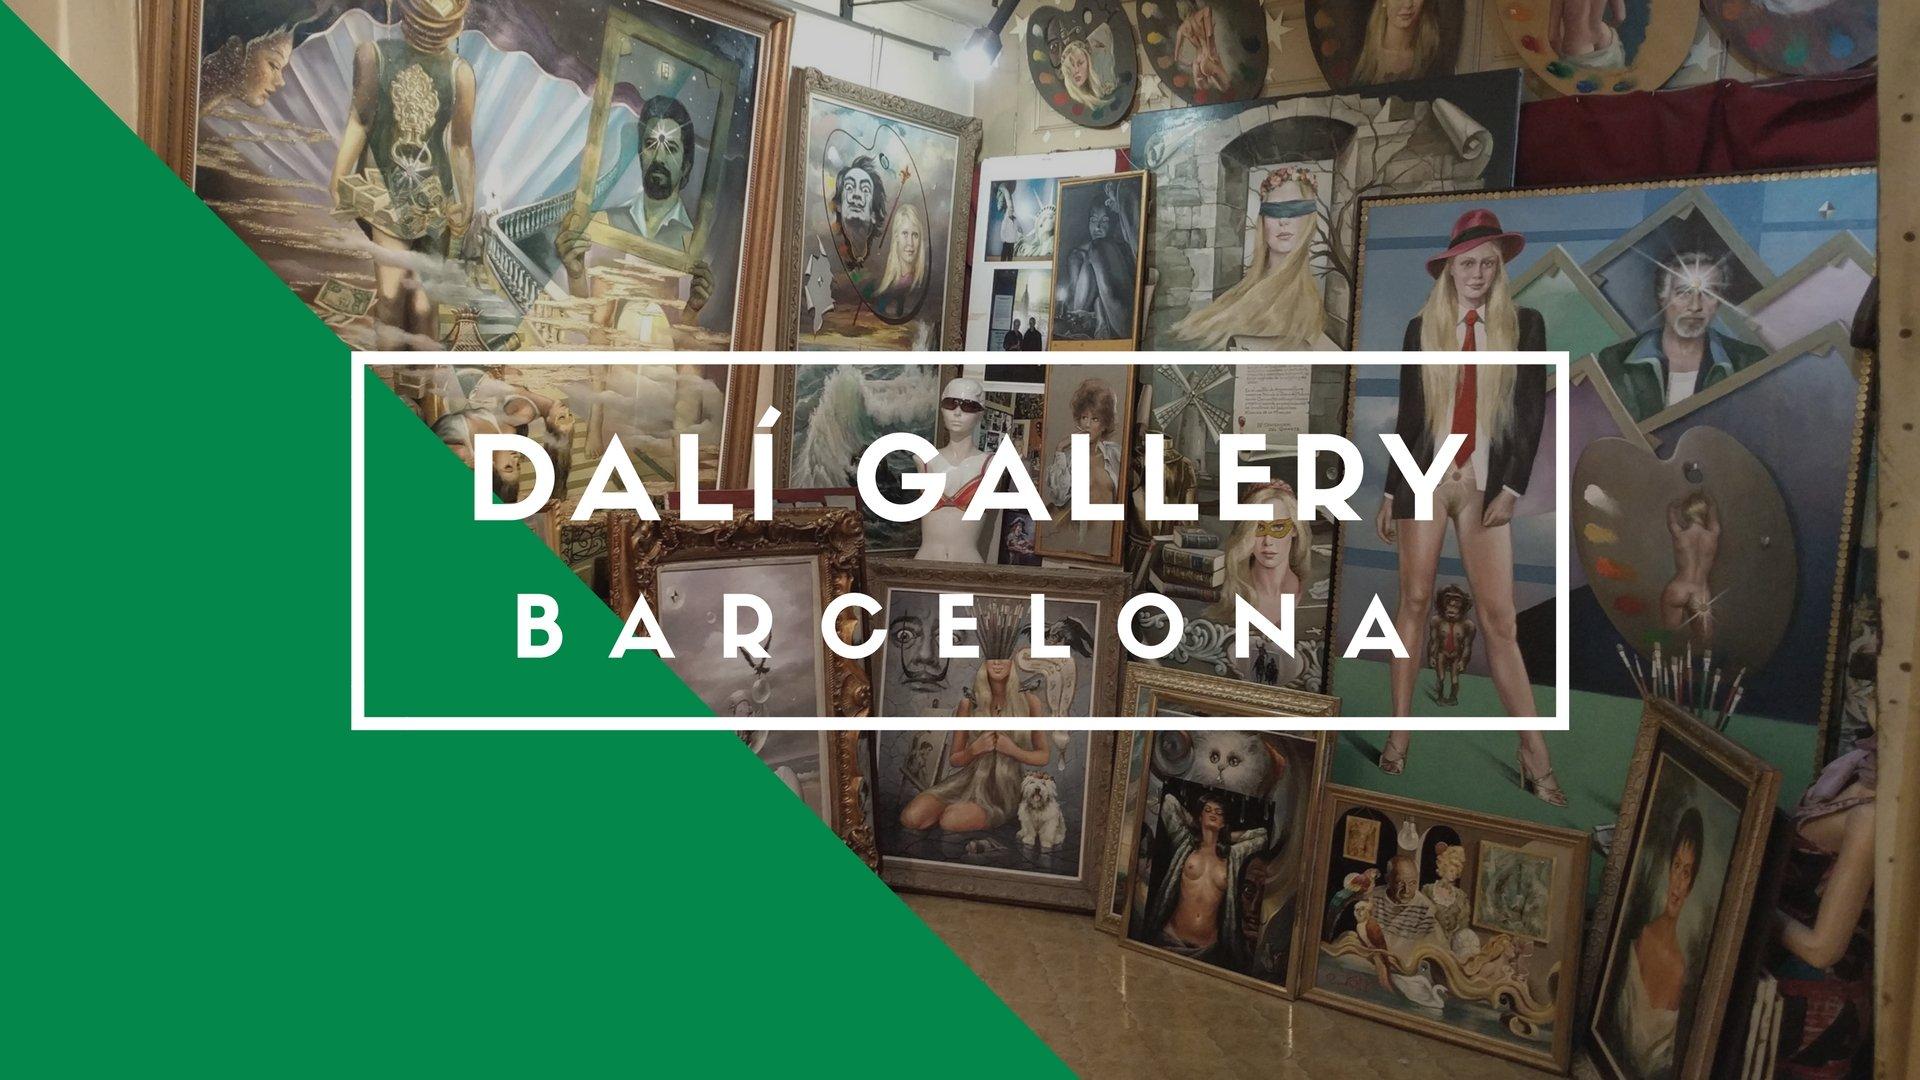 Barcelona Dalí Gallery